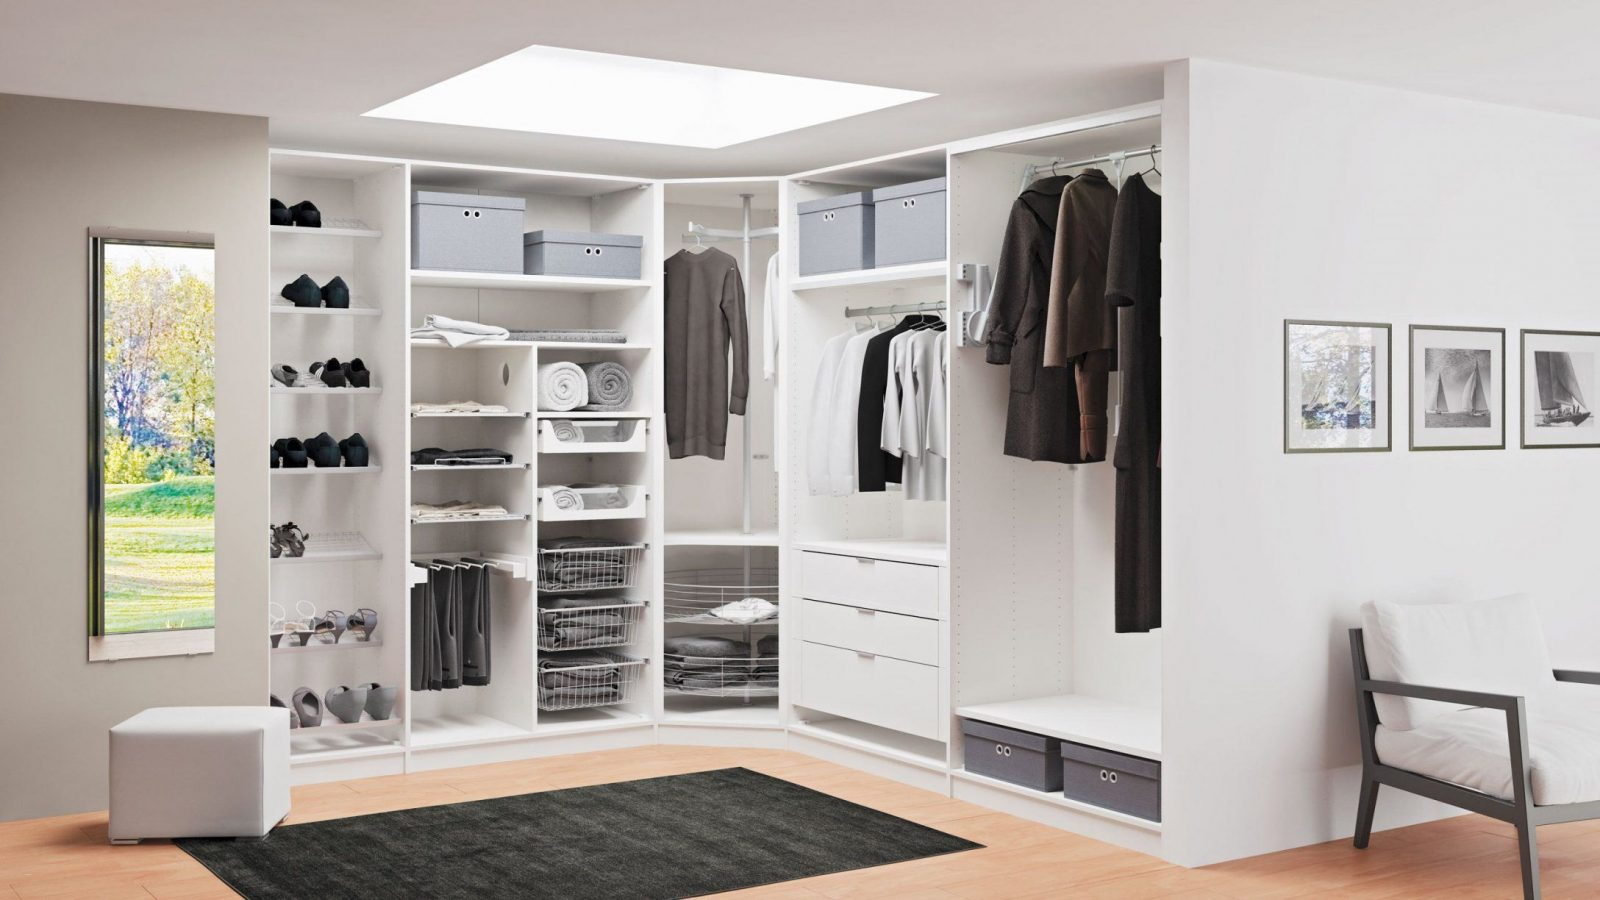 Wohnideen  Begehbaren Kleiderschrank Selber Bauen Auch Frisch von Regalsystem Kleiderschrank Selber Bauen Bild